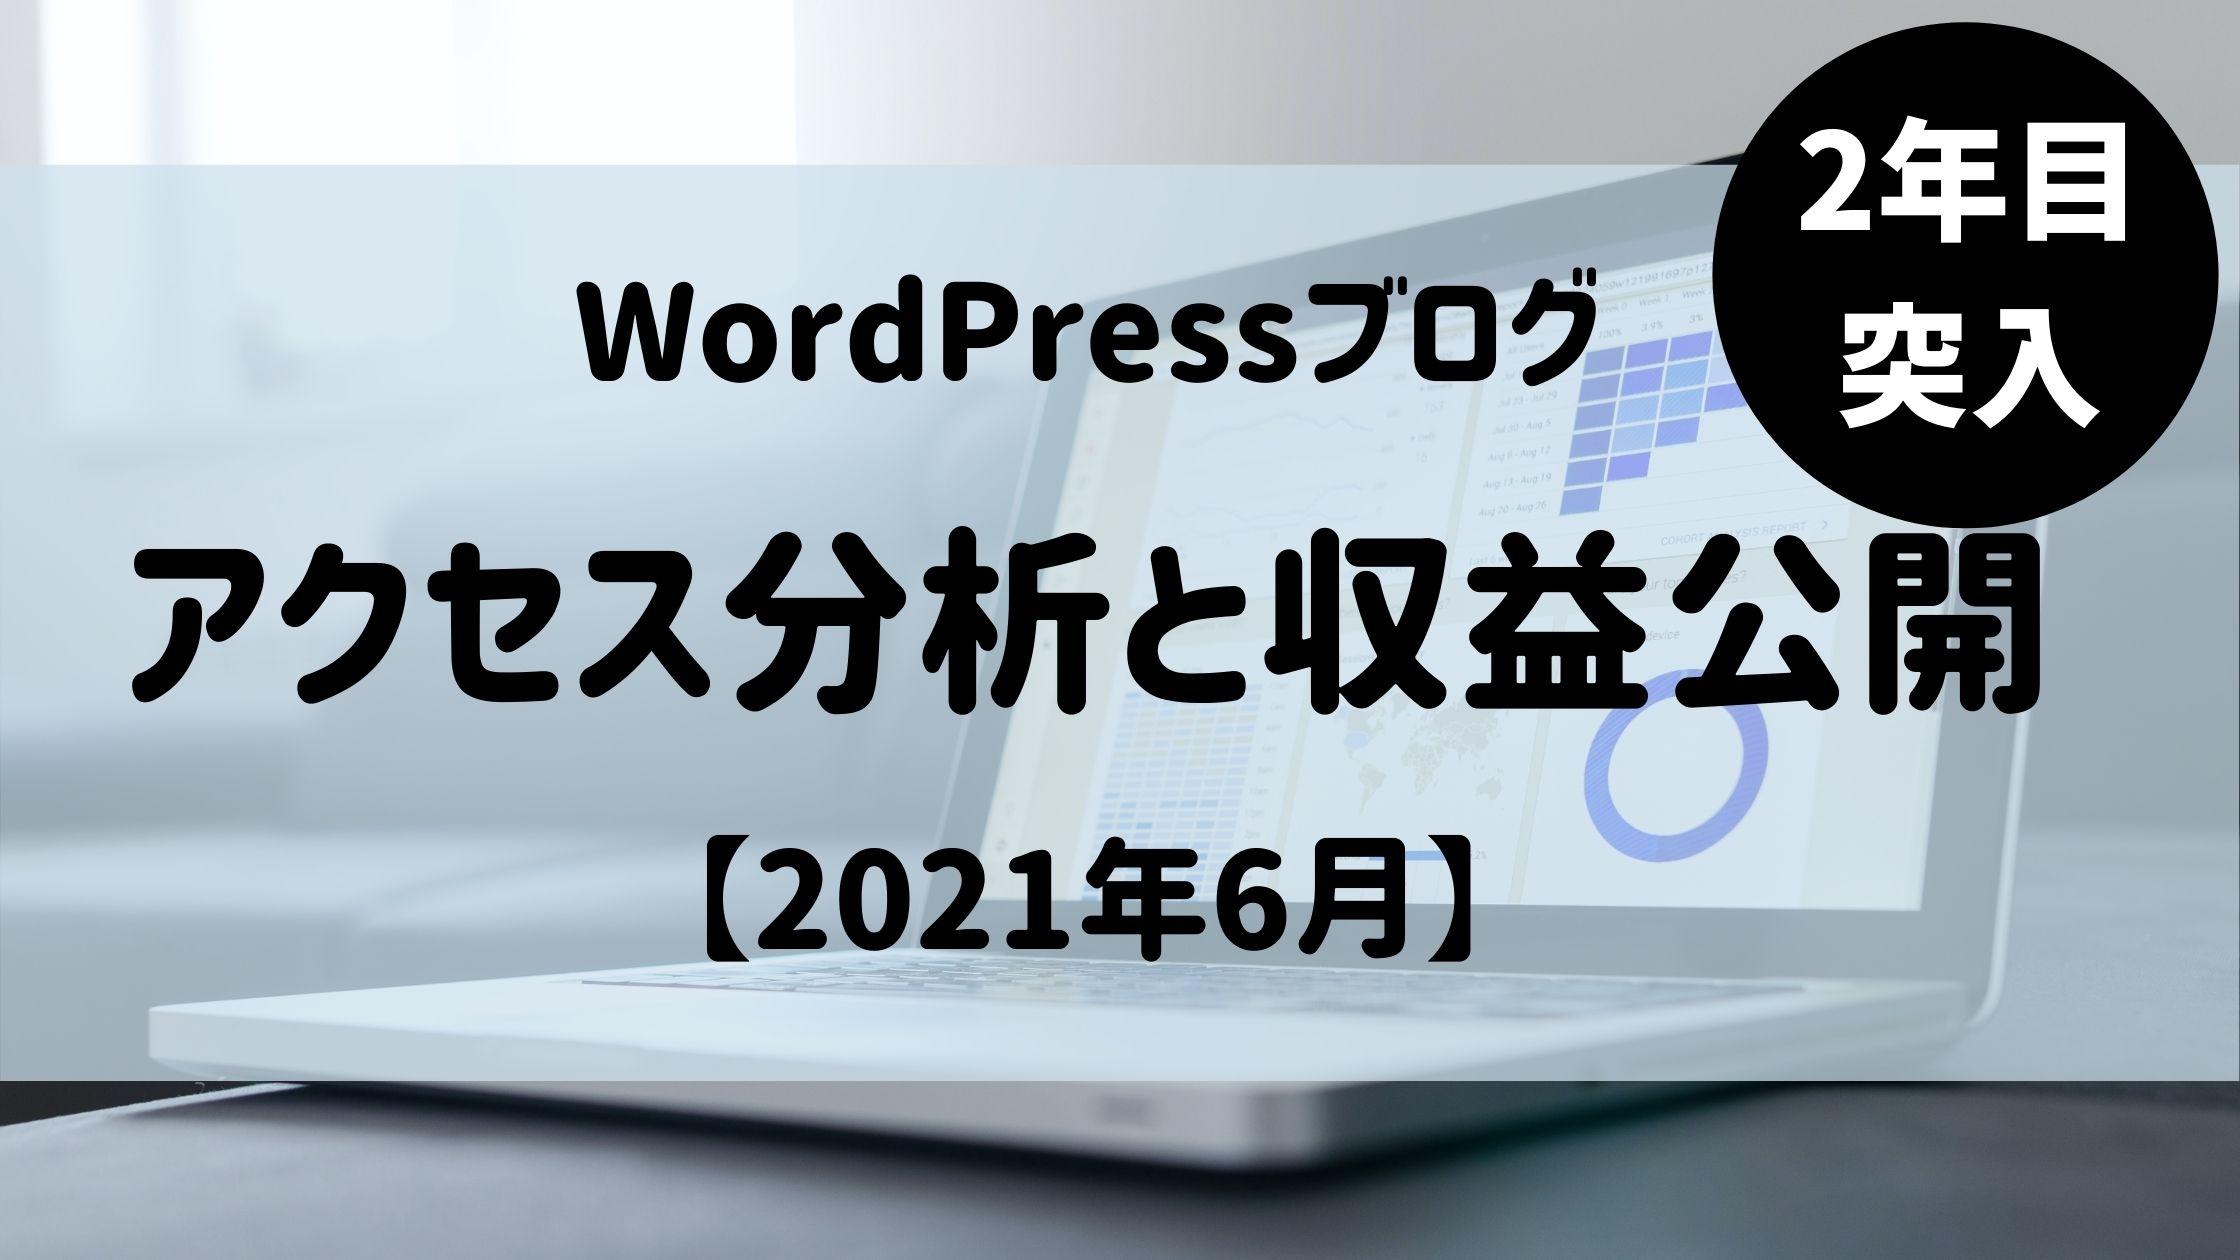 アクセス分析 アナリティクス 収益 ブログ WordPress AdSense アフィリエイト